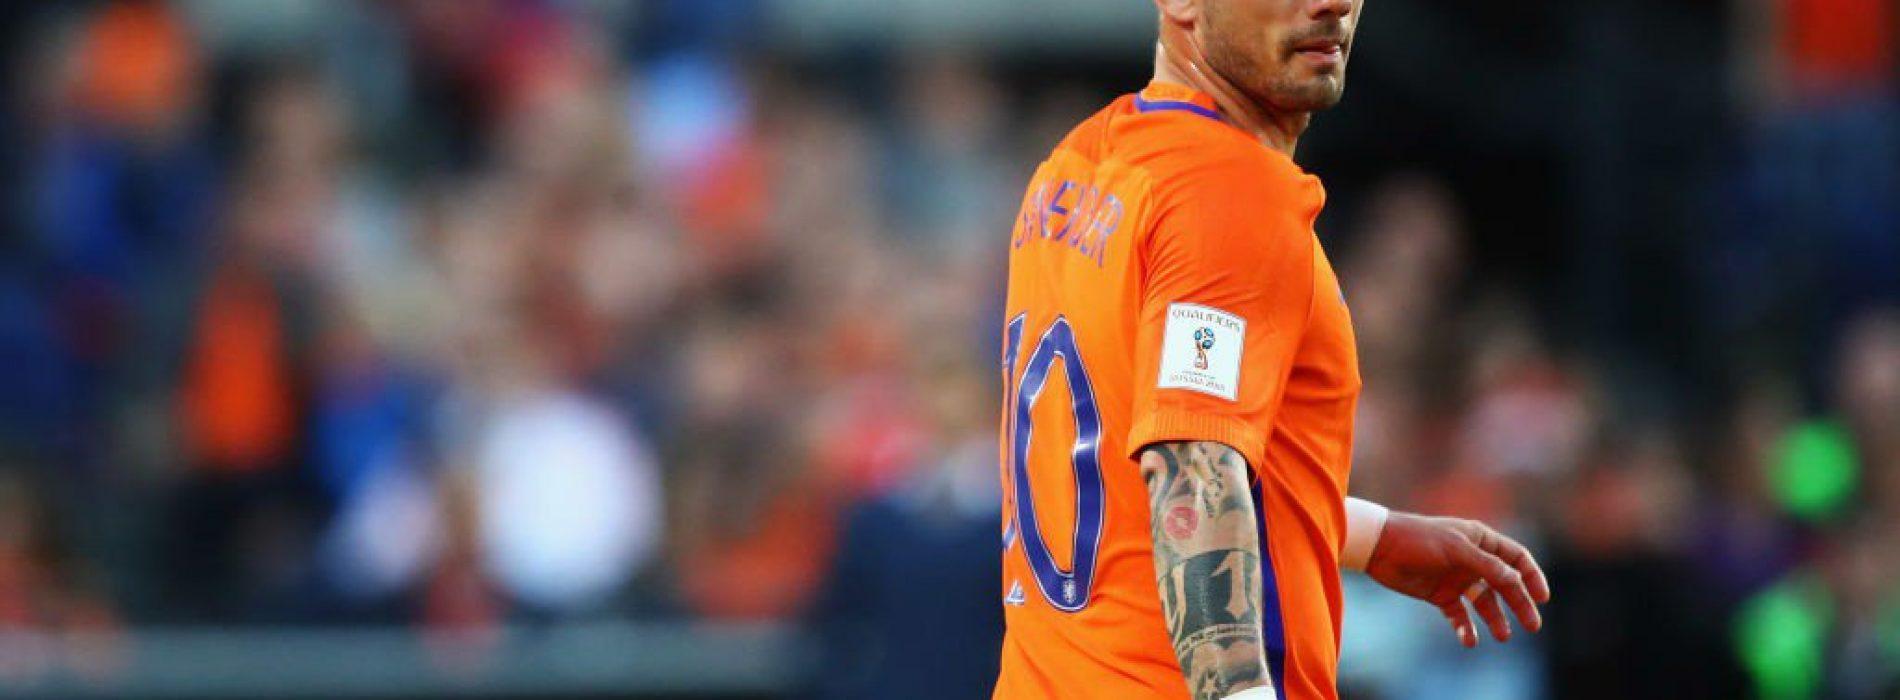 Ufficiale: a 35 anni, Wesley Sneijder lascia il calcio giocato